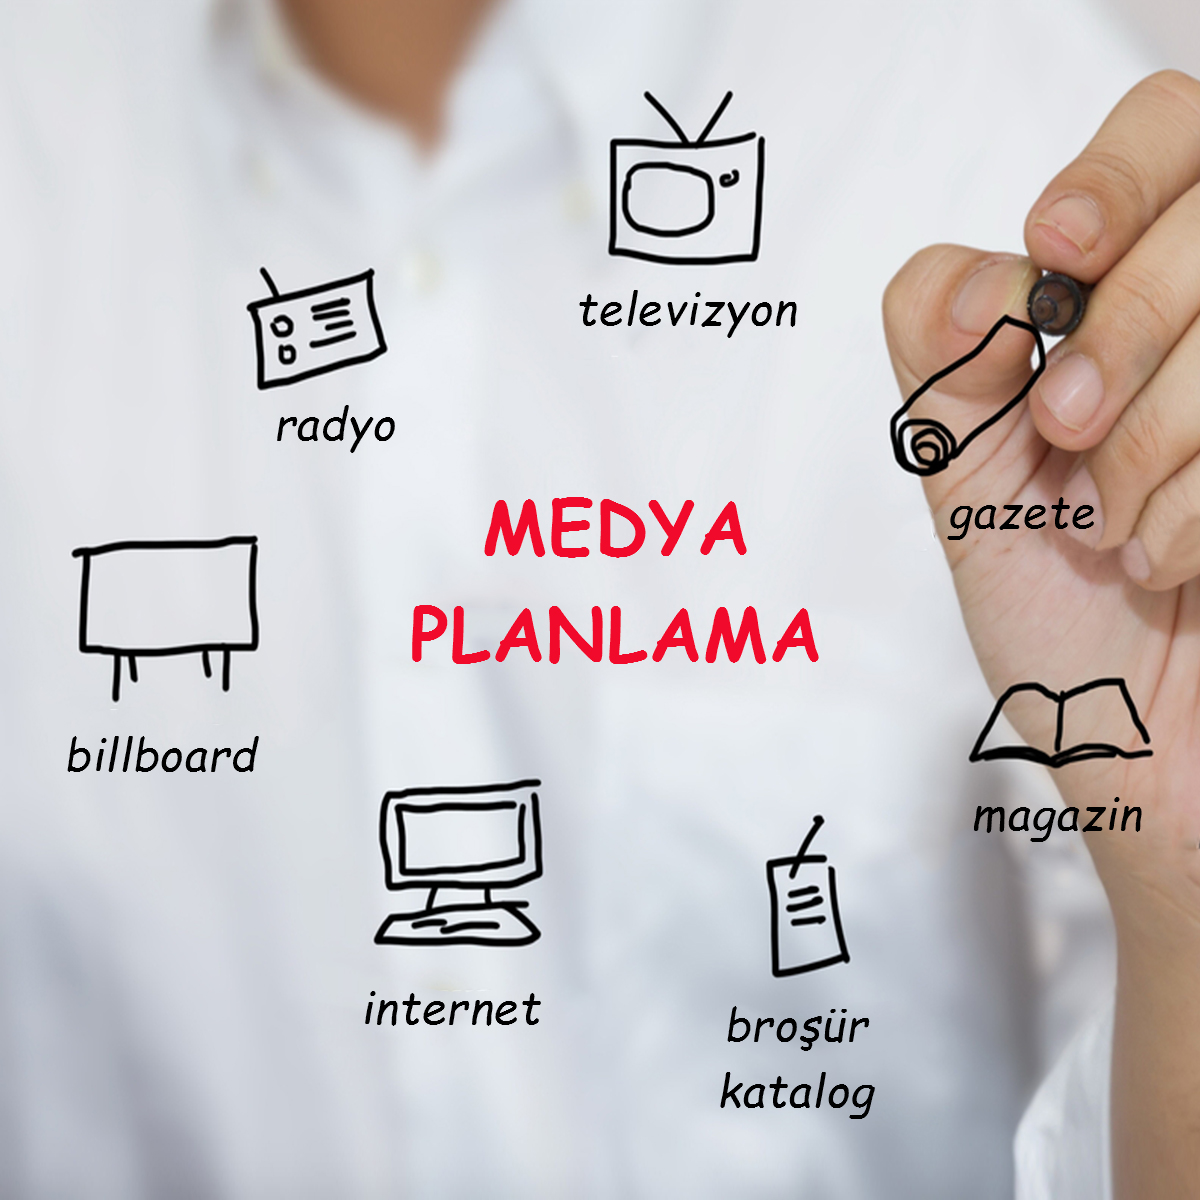 medya planlama - medyaatak